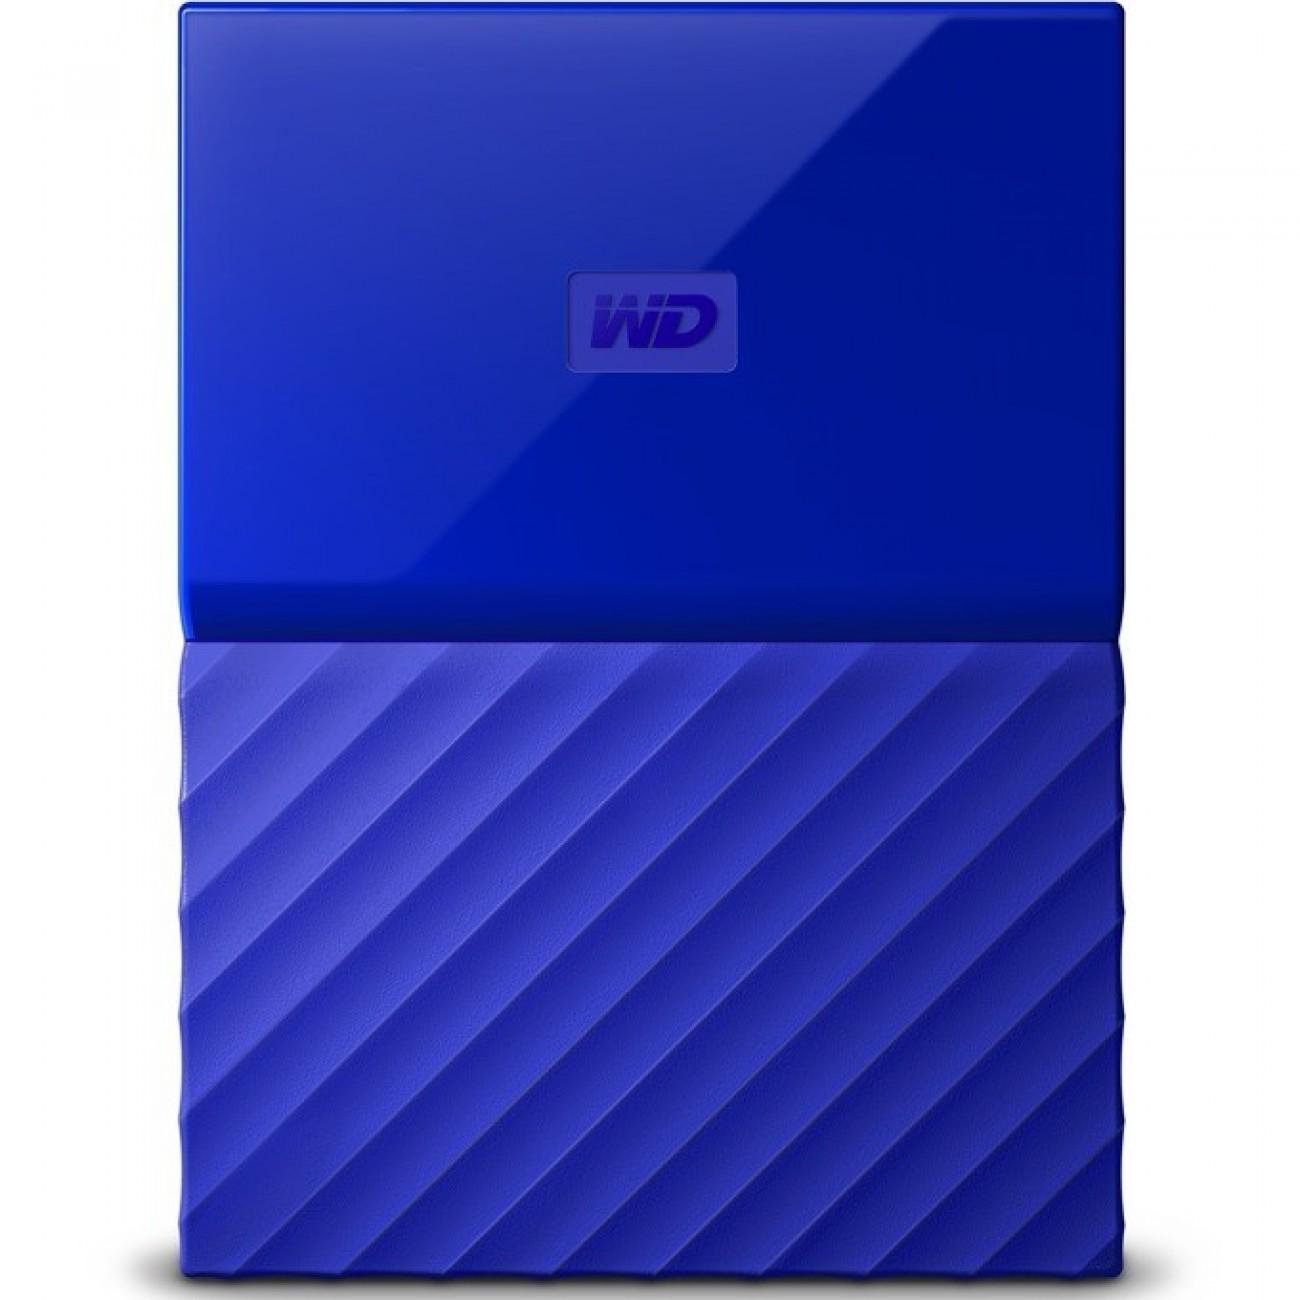 3TB Western Digital MyPassport, външен, 2.5(6.35cm), USB 3.0, син в Твърди дискове Външни -  | Alleop